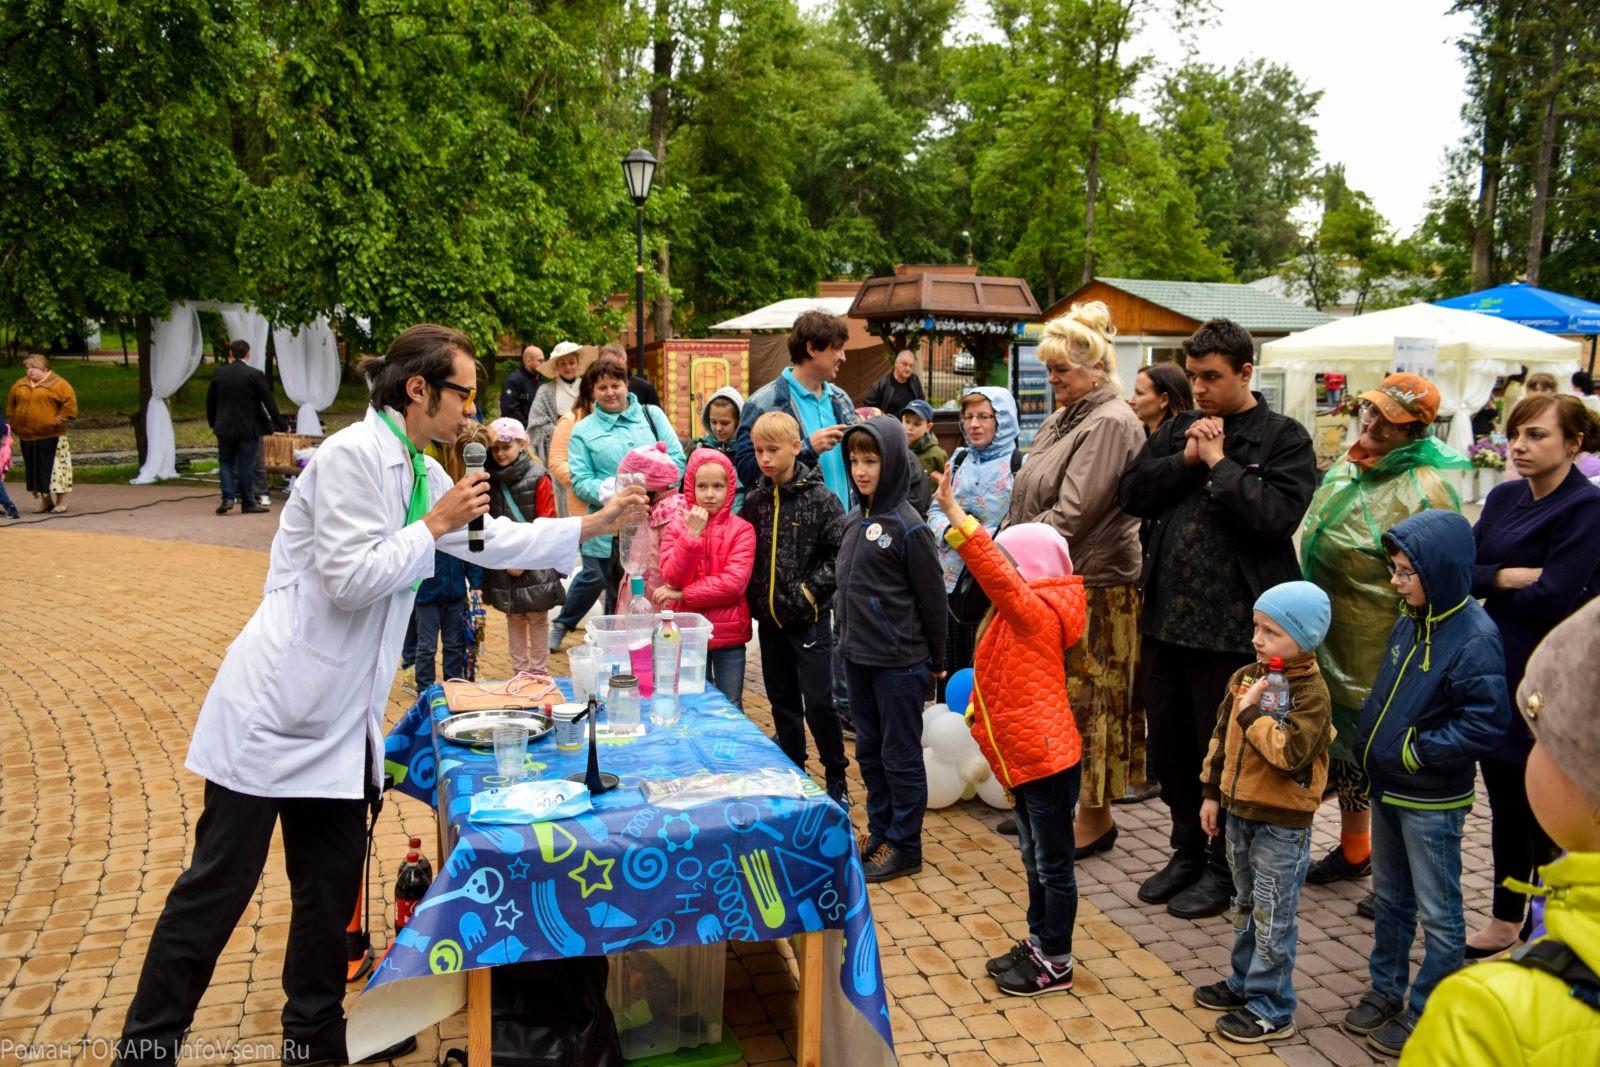 Фестиваль «Липецкие воды» Липецк, Нижний Парк, 2017